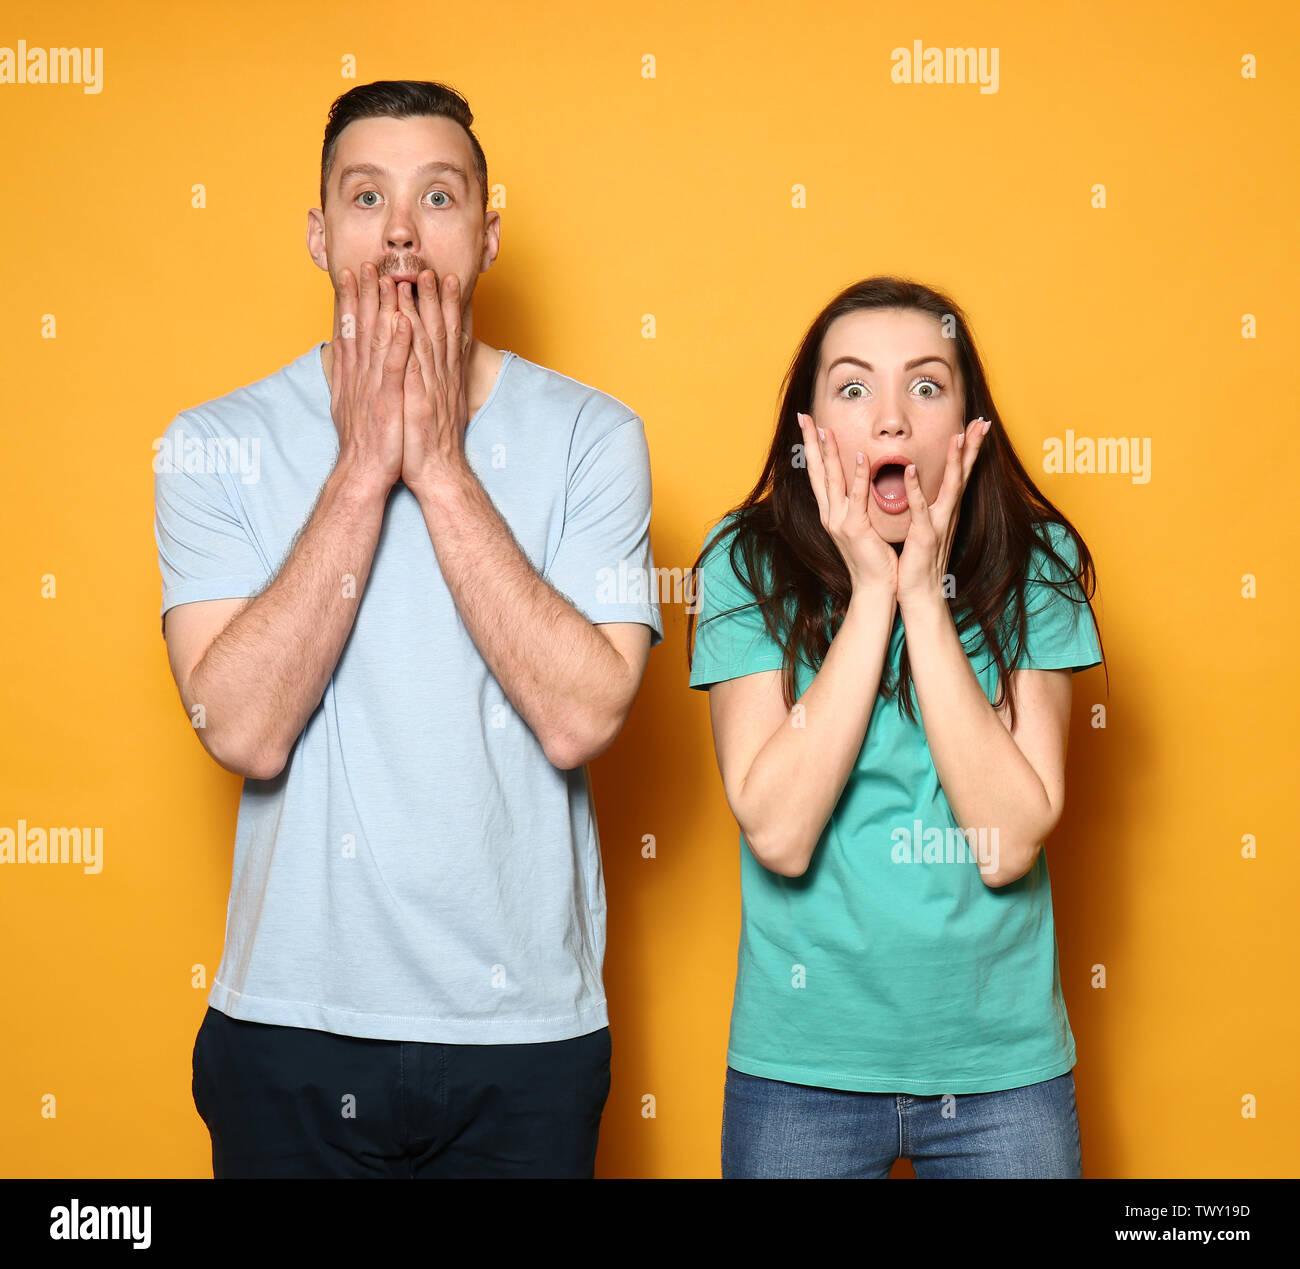 Angst junges Paar auf farbigen Hintergrund Stockbild